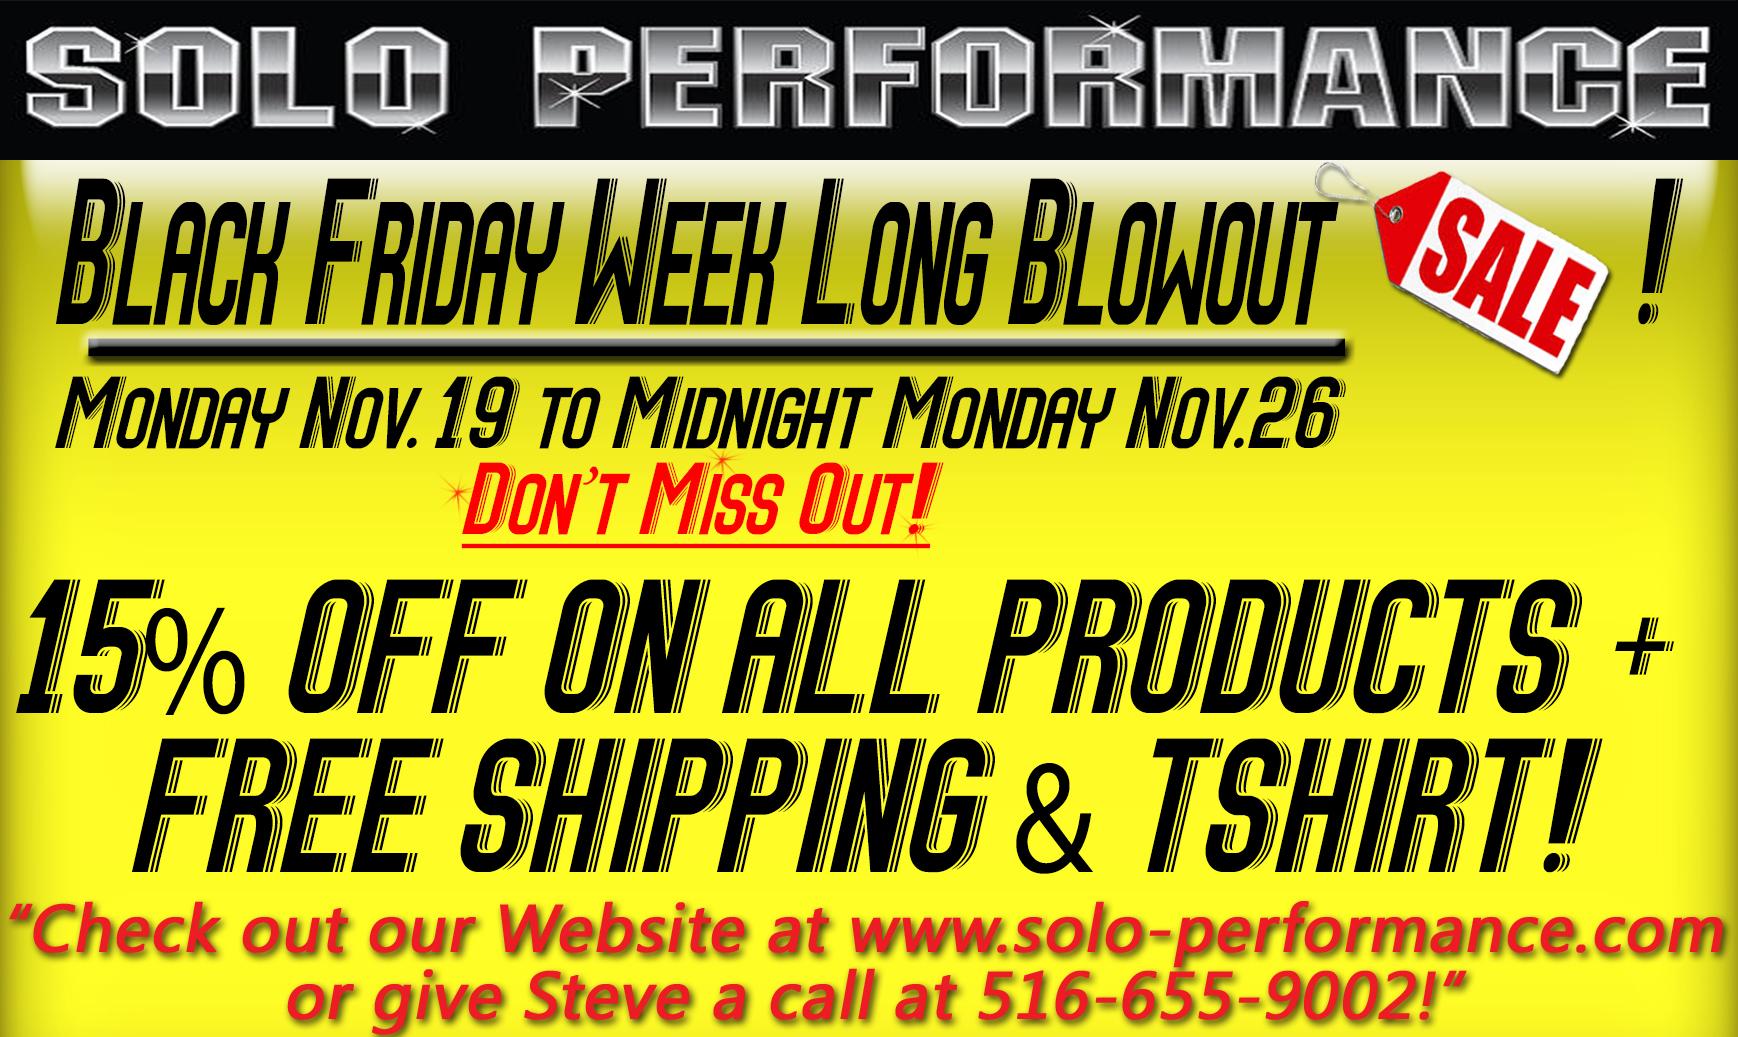 Black Friday Sale at Solo Performance-timeline-facebook-black-friday-sale-3-.jpg